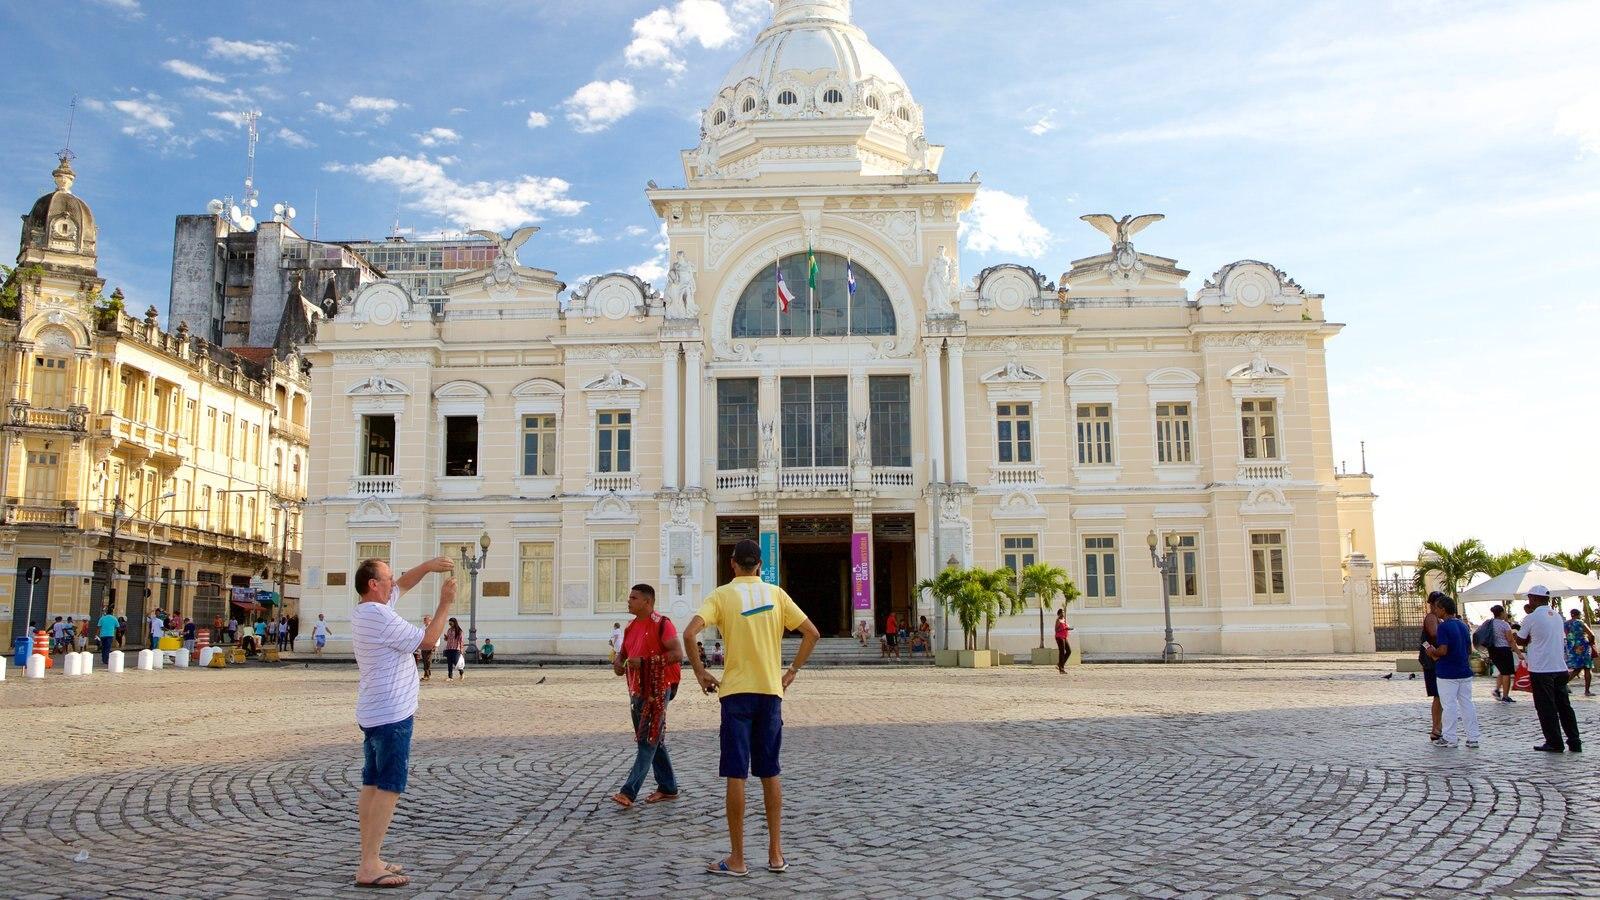 Salvador caracterizando um edifício administrativo e uma praça ou plaza assim como um pequeno grupo de pessoas